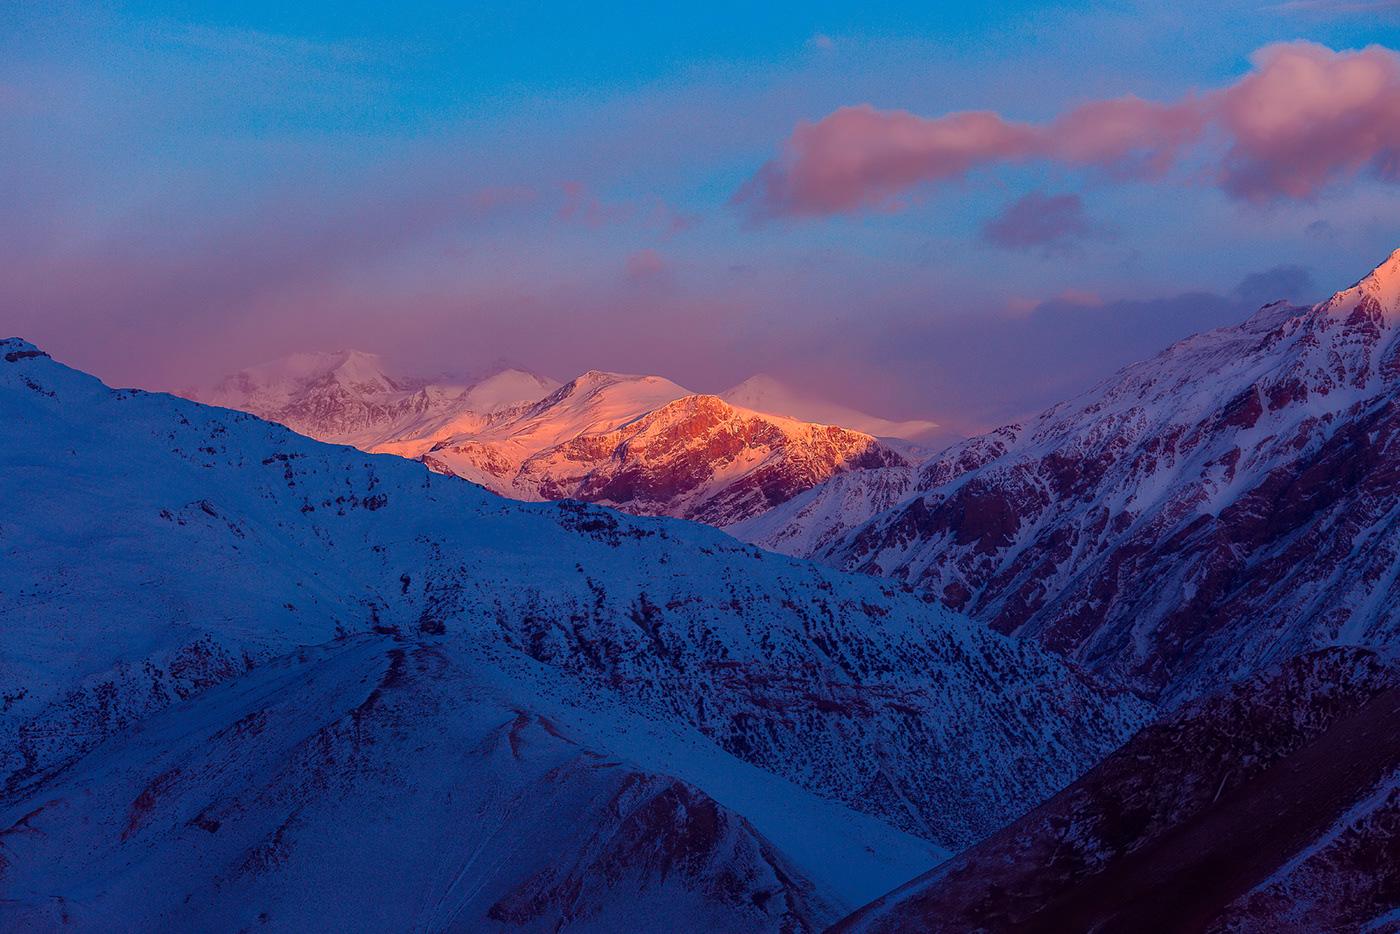 colorful himalaya Landscape mountain Nature nepal Sunrise sunset Travel trekking